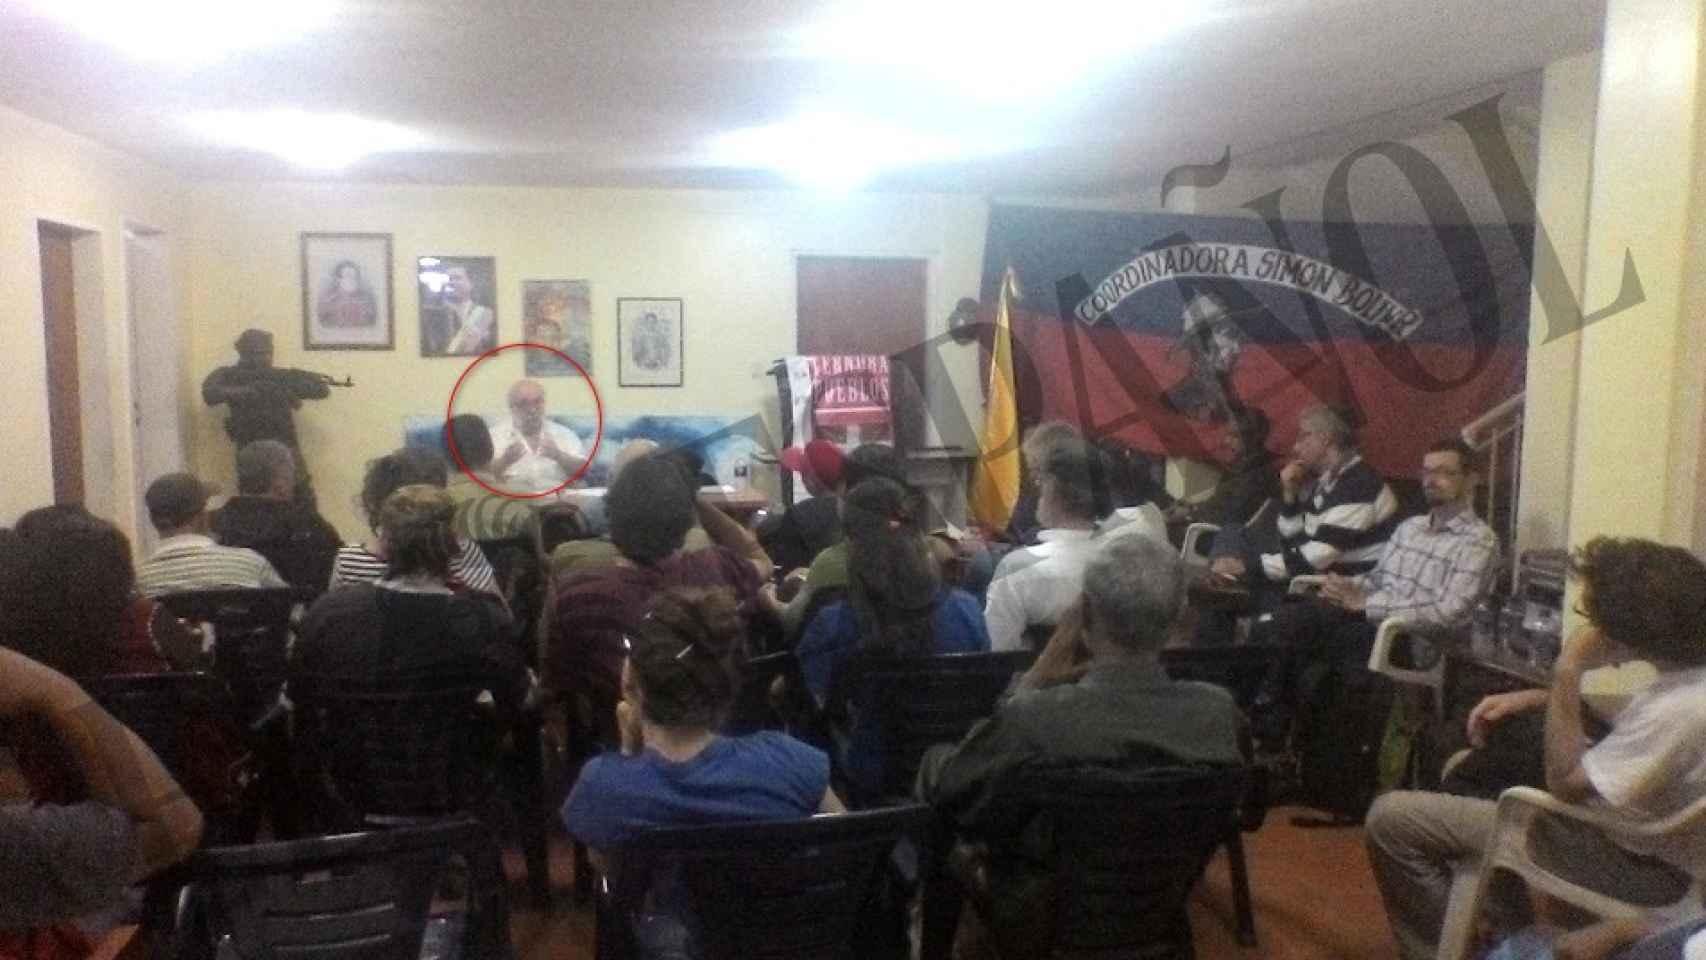 Iñaki Gil habla junto a un busto armado y la bandera de la Coordinadora Simón Bolívar.